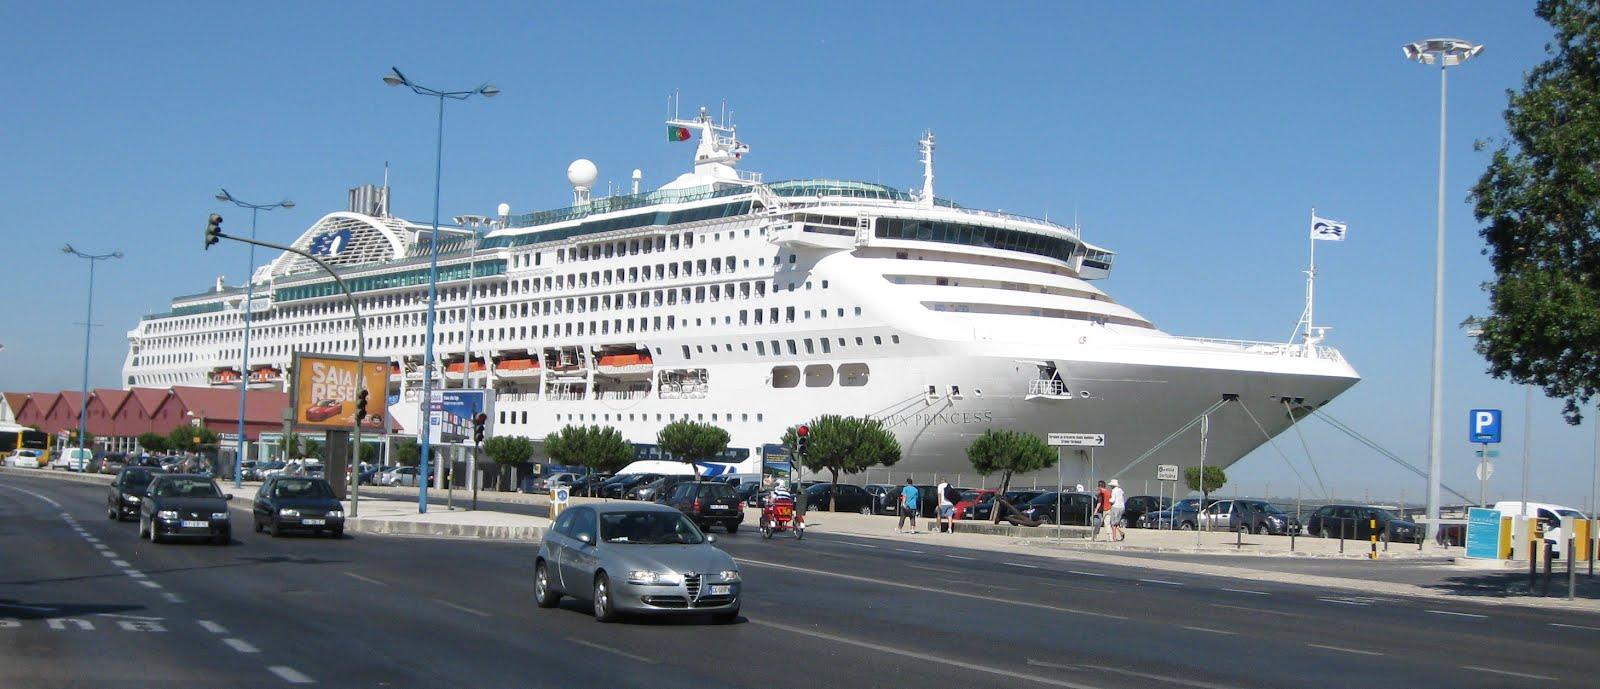 Pacific Rim cruise